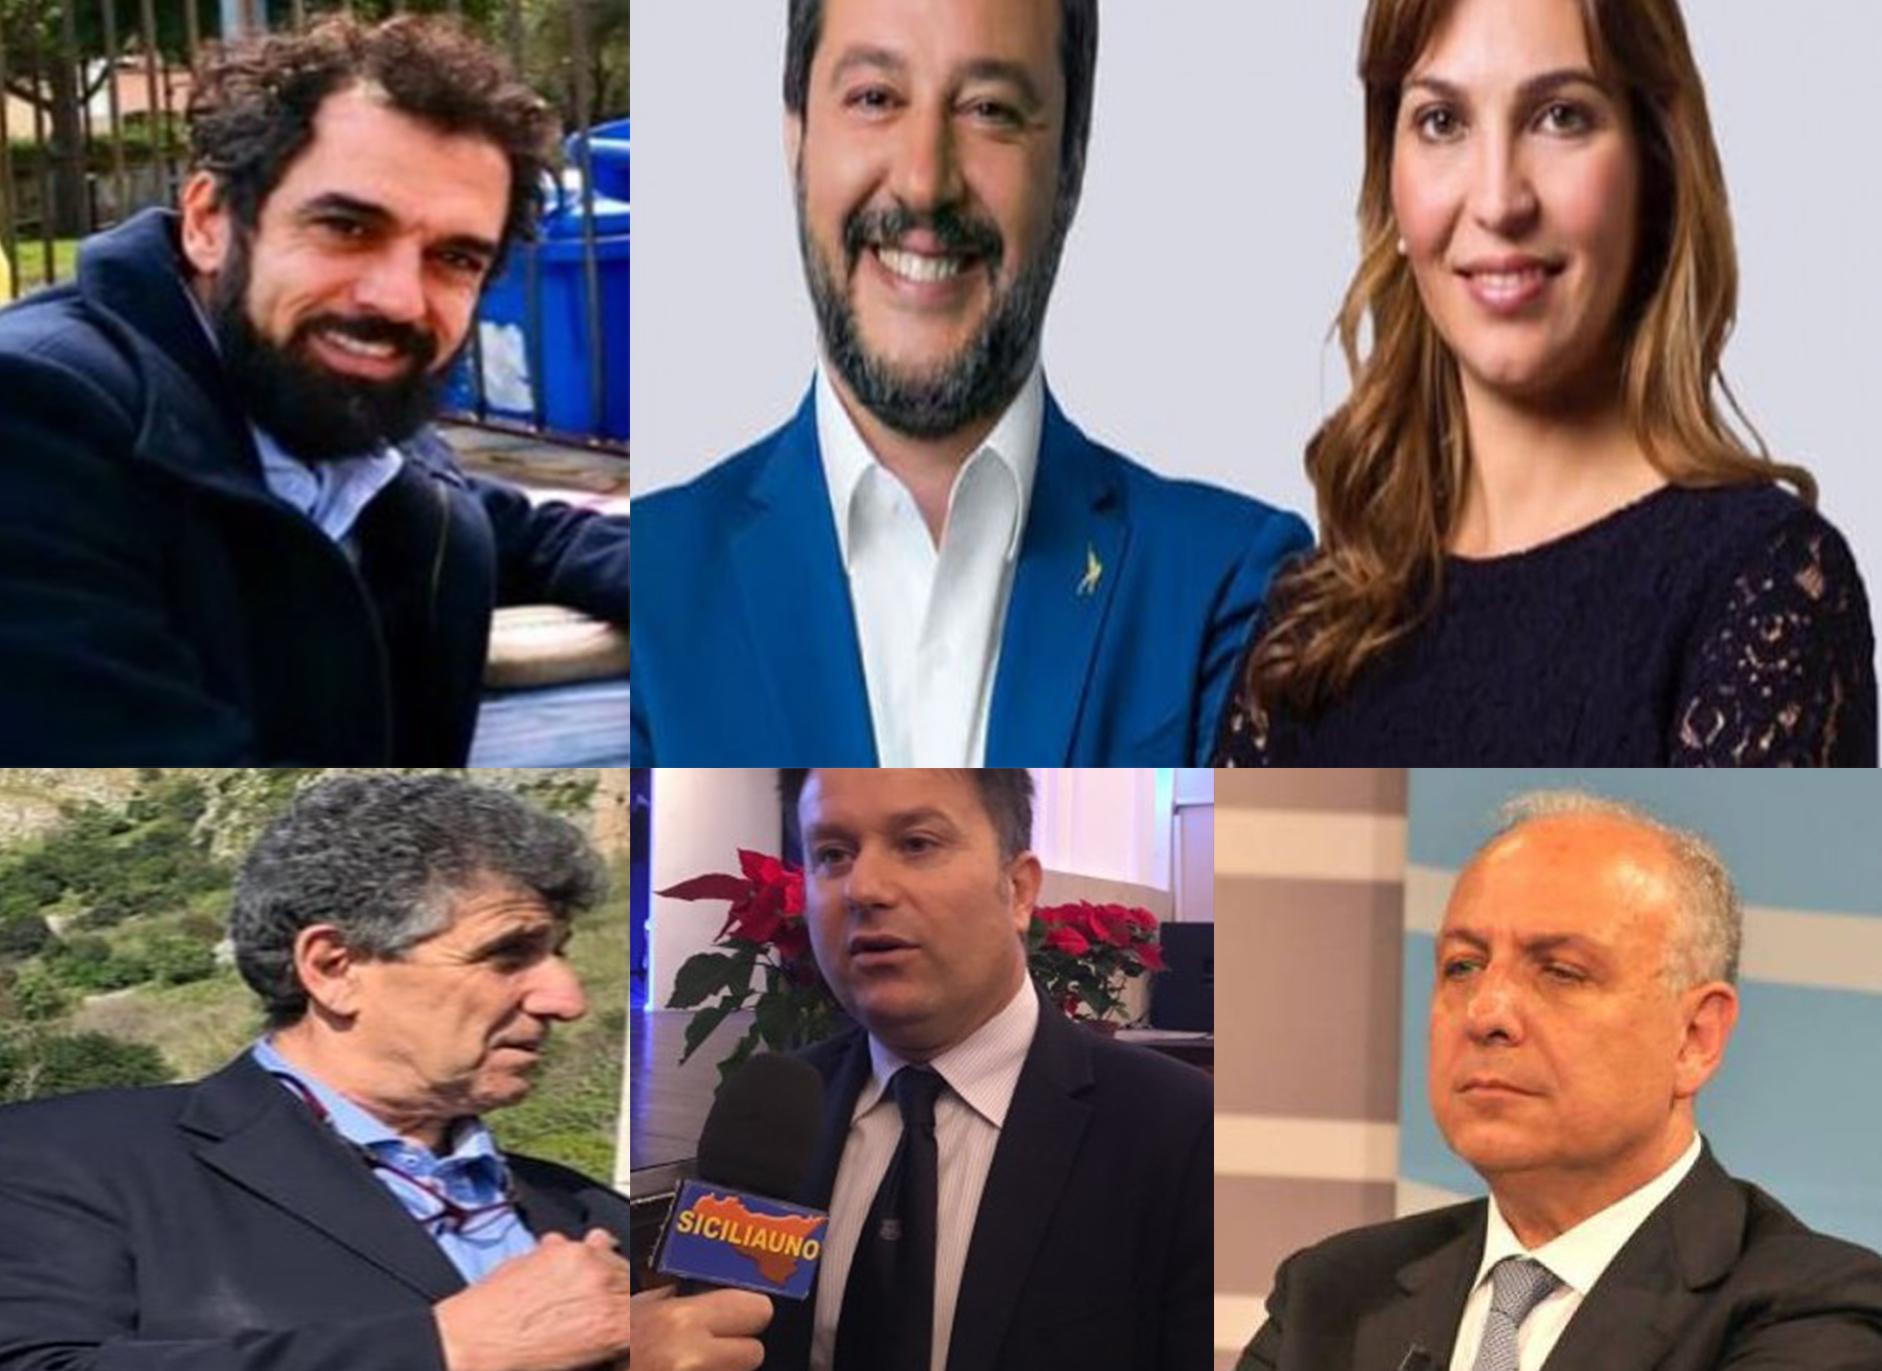 Europee, M5s primo nelle Isole: marea di voti a Salvini seguito da Annalisa Tardino